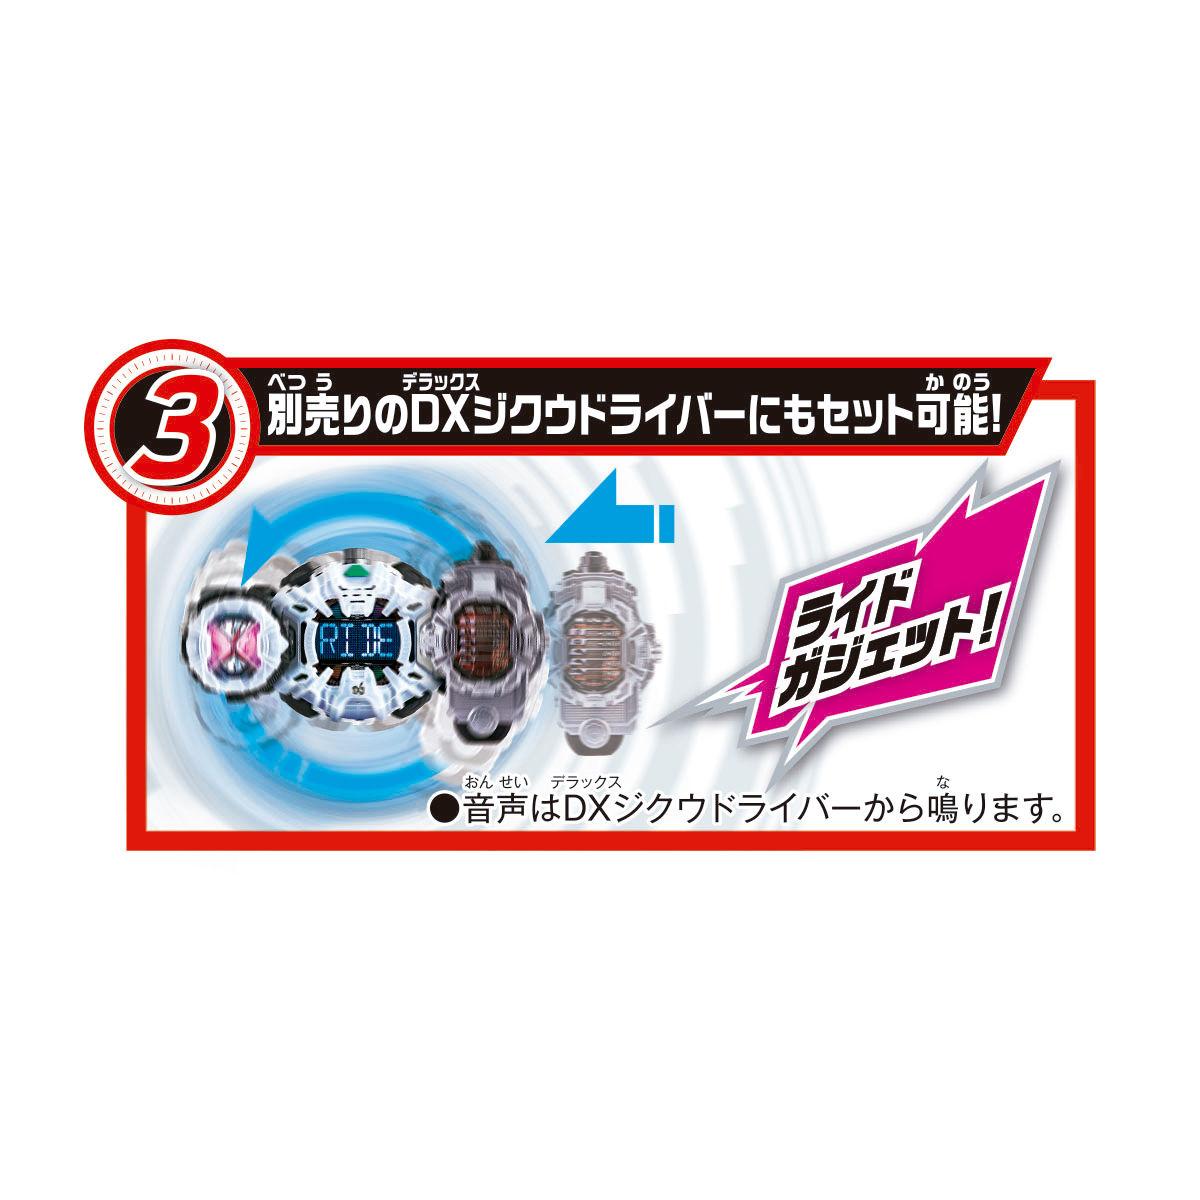 ライドガジェットシリーズ『DXファイズフォンX(テン)』仮面ライダージオウ  変身なりきり-009